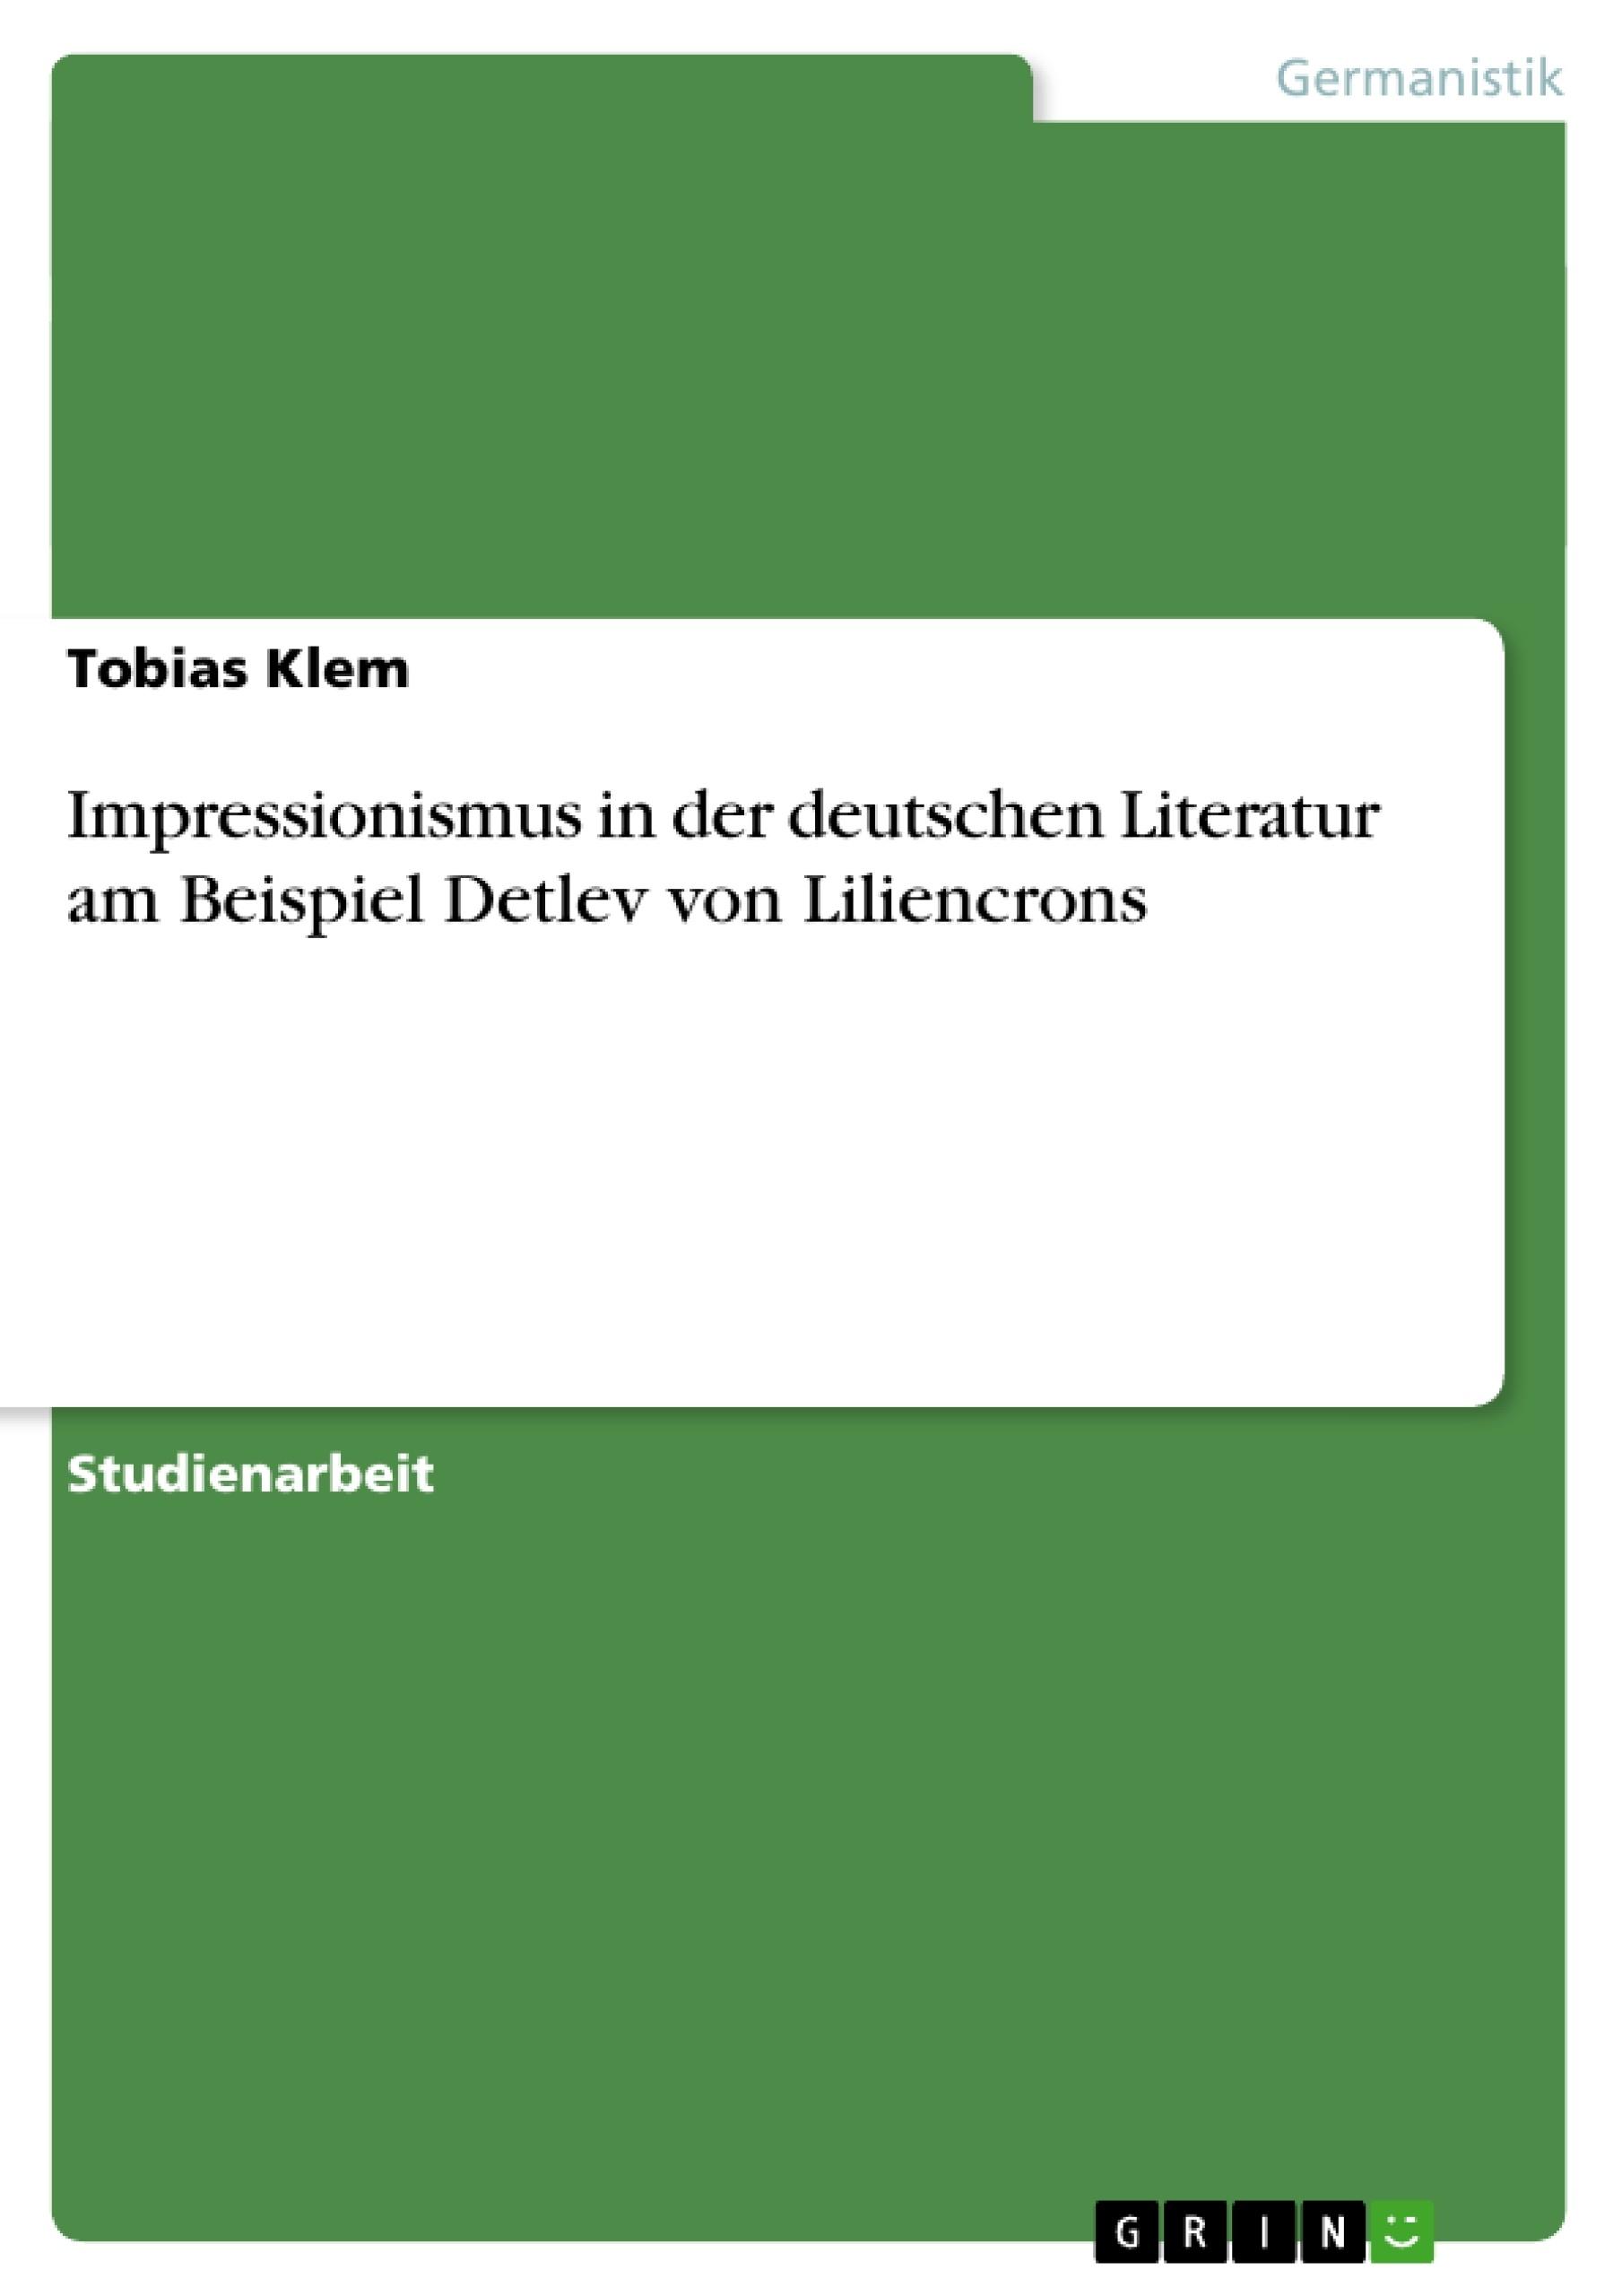 Titel: Impressionismus in der deutschen Literatur am Beispiel Detlev von Liliencrons